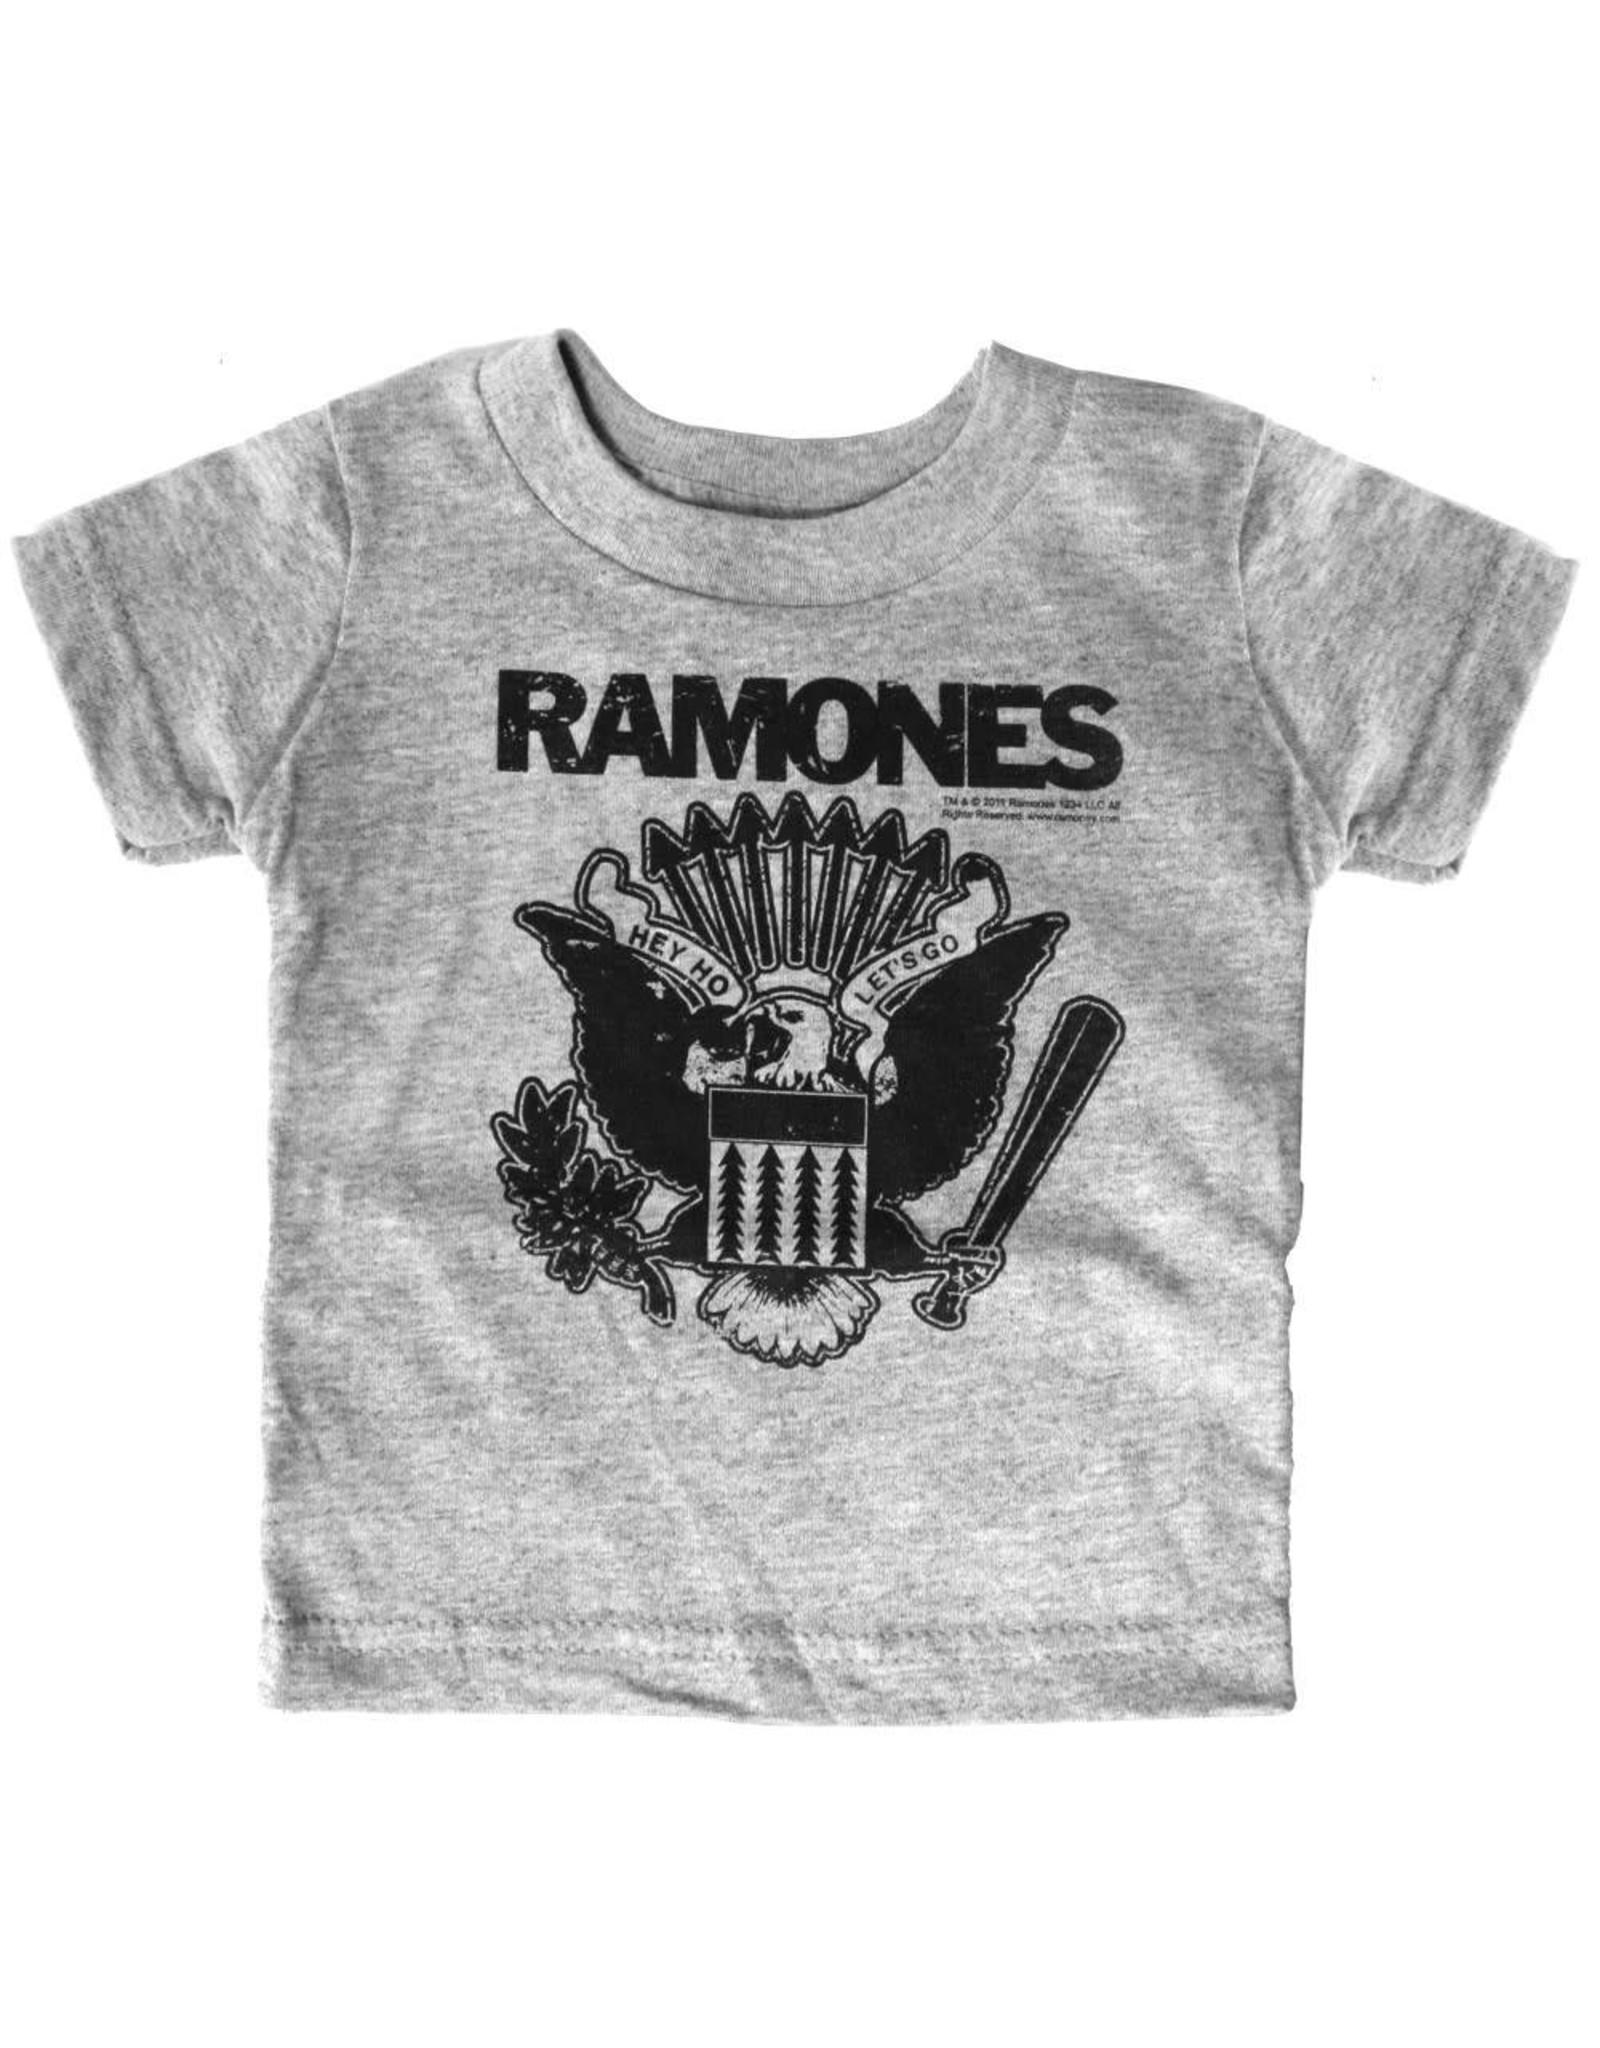 SOURPUSS - Tee Ramones